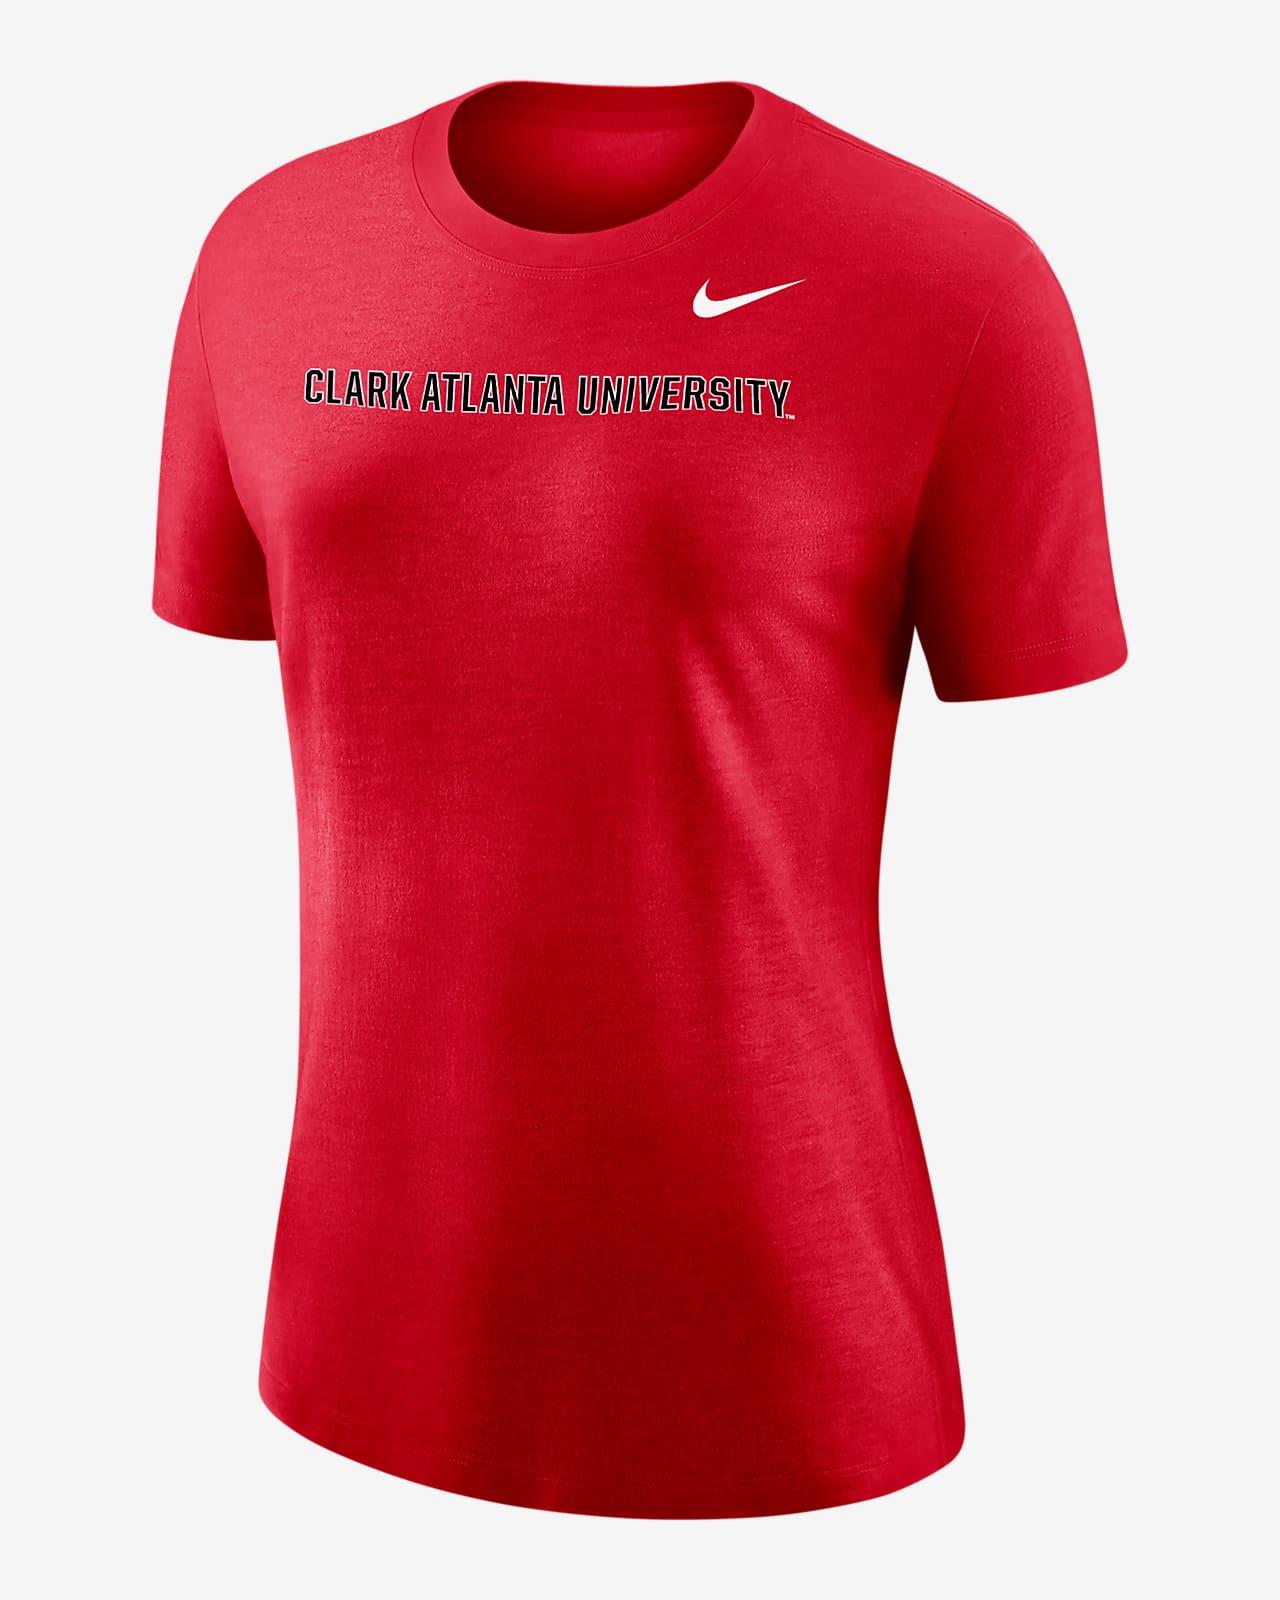 Nike College (Clark Atlanta) Women's T-Shirt